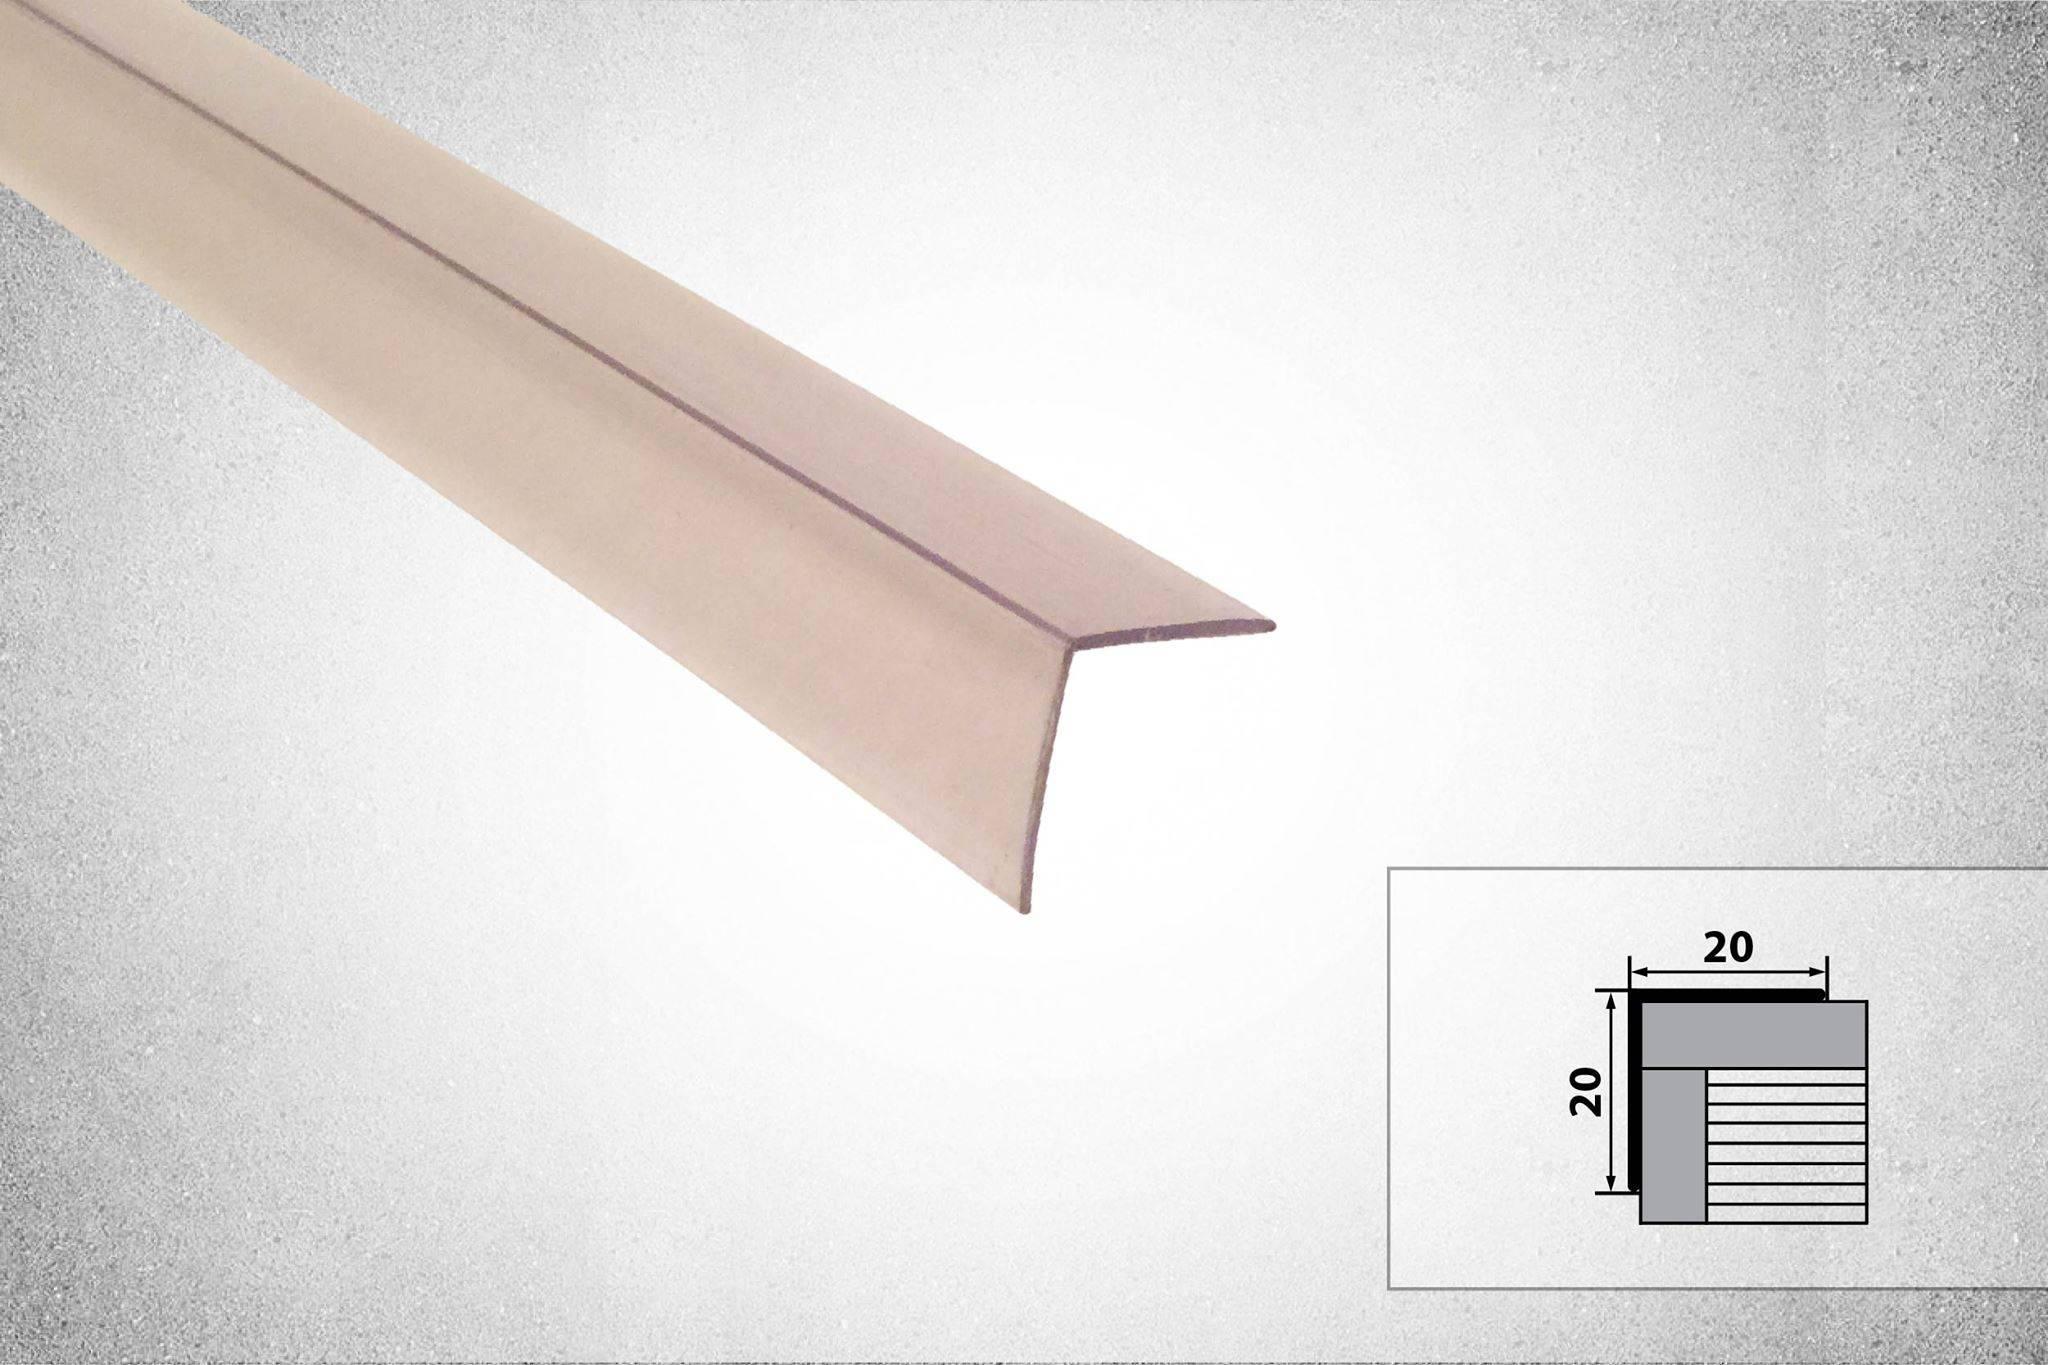 Уголки пластиковые для защиты углов стен: инструкция по установке